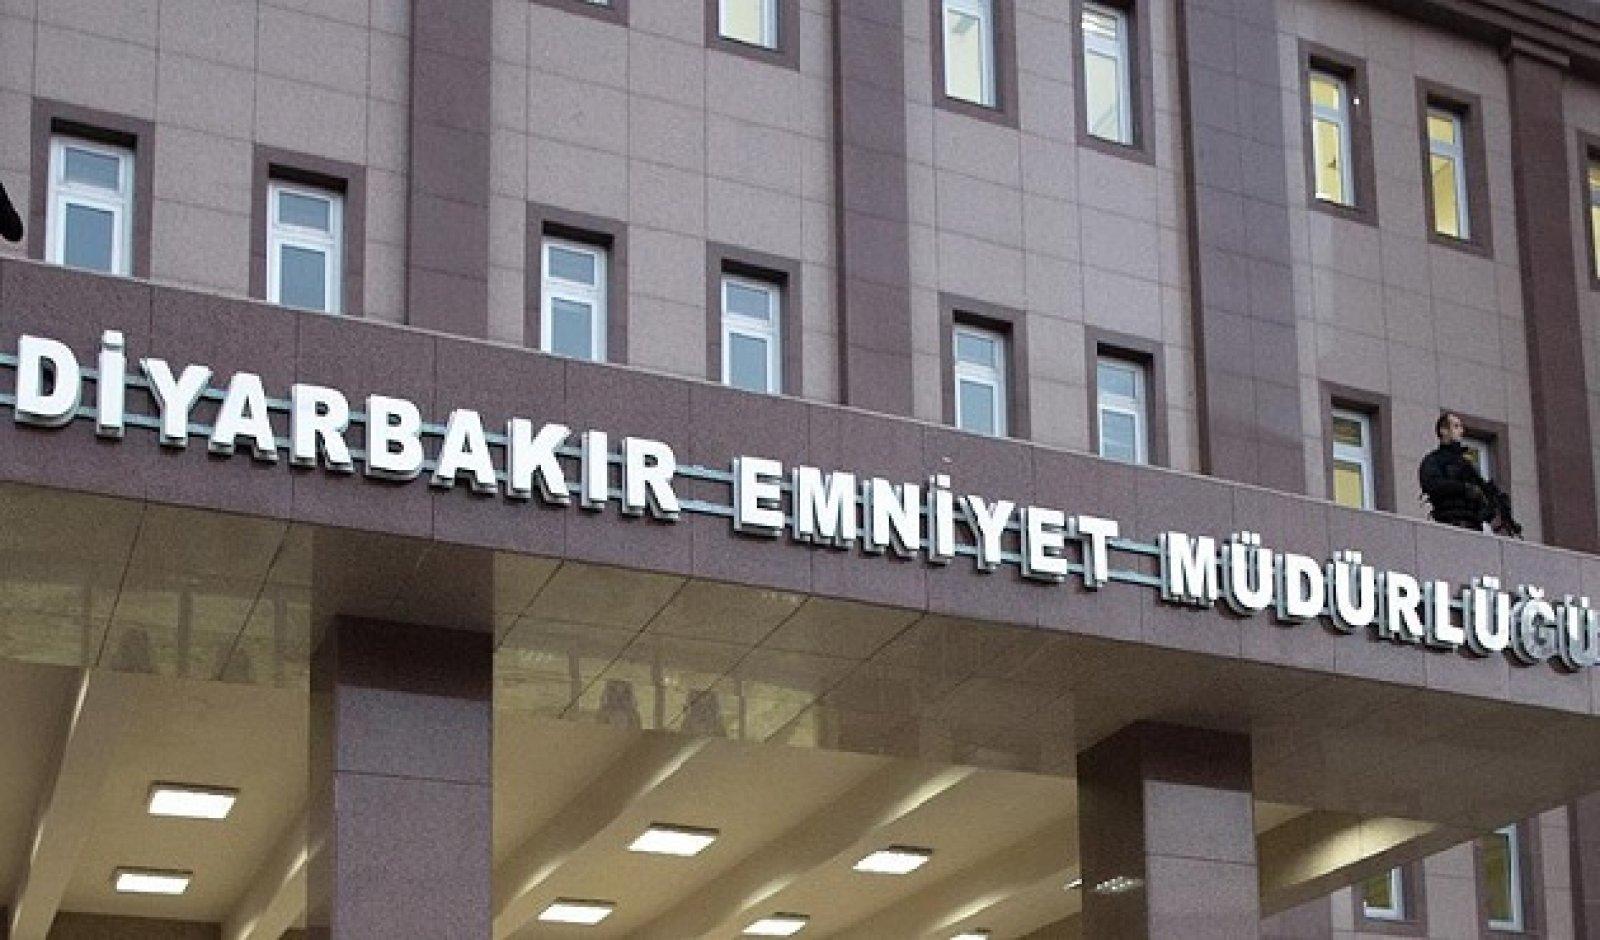 Diyarbakır Emniyet Müdürlüğü